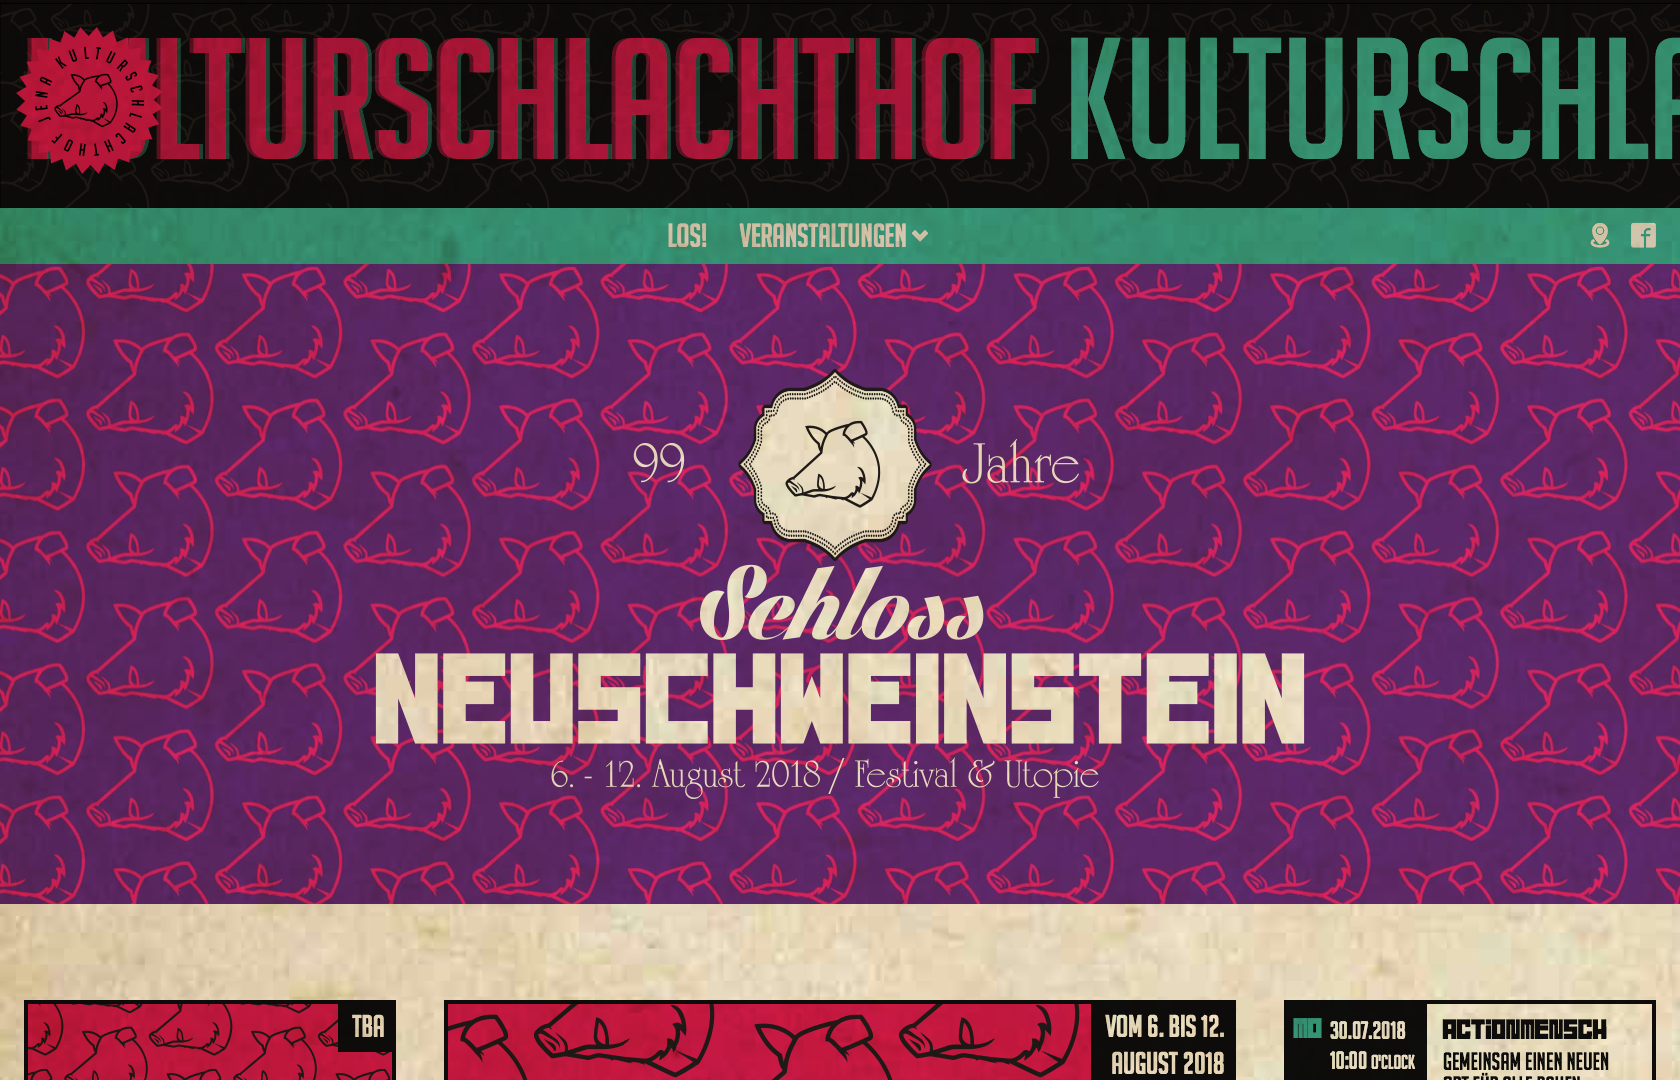 10 Kulturschlachthof Jena